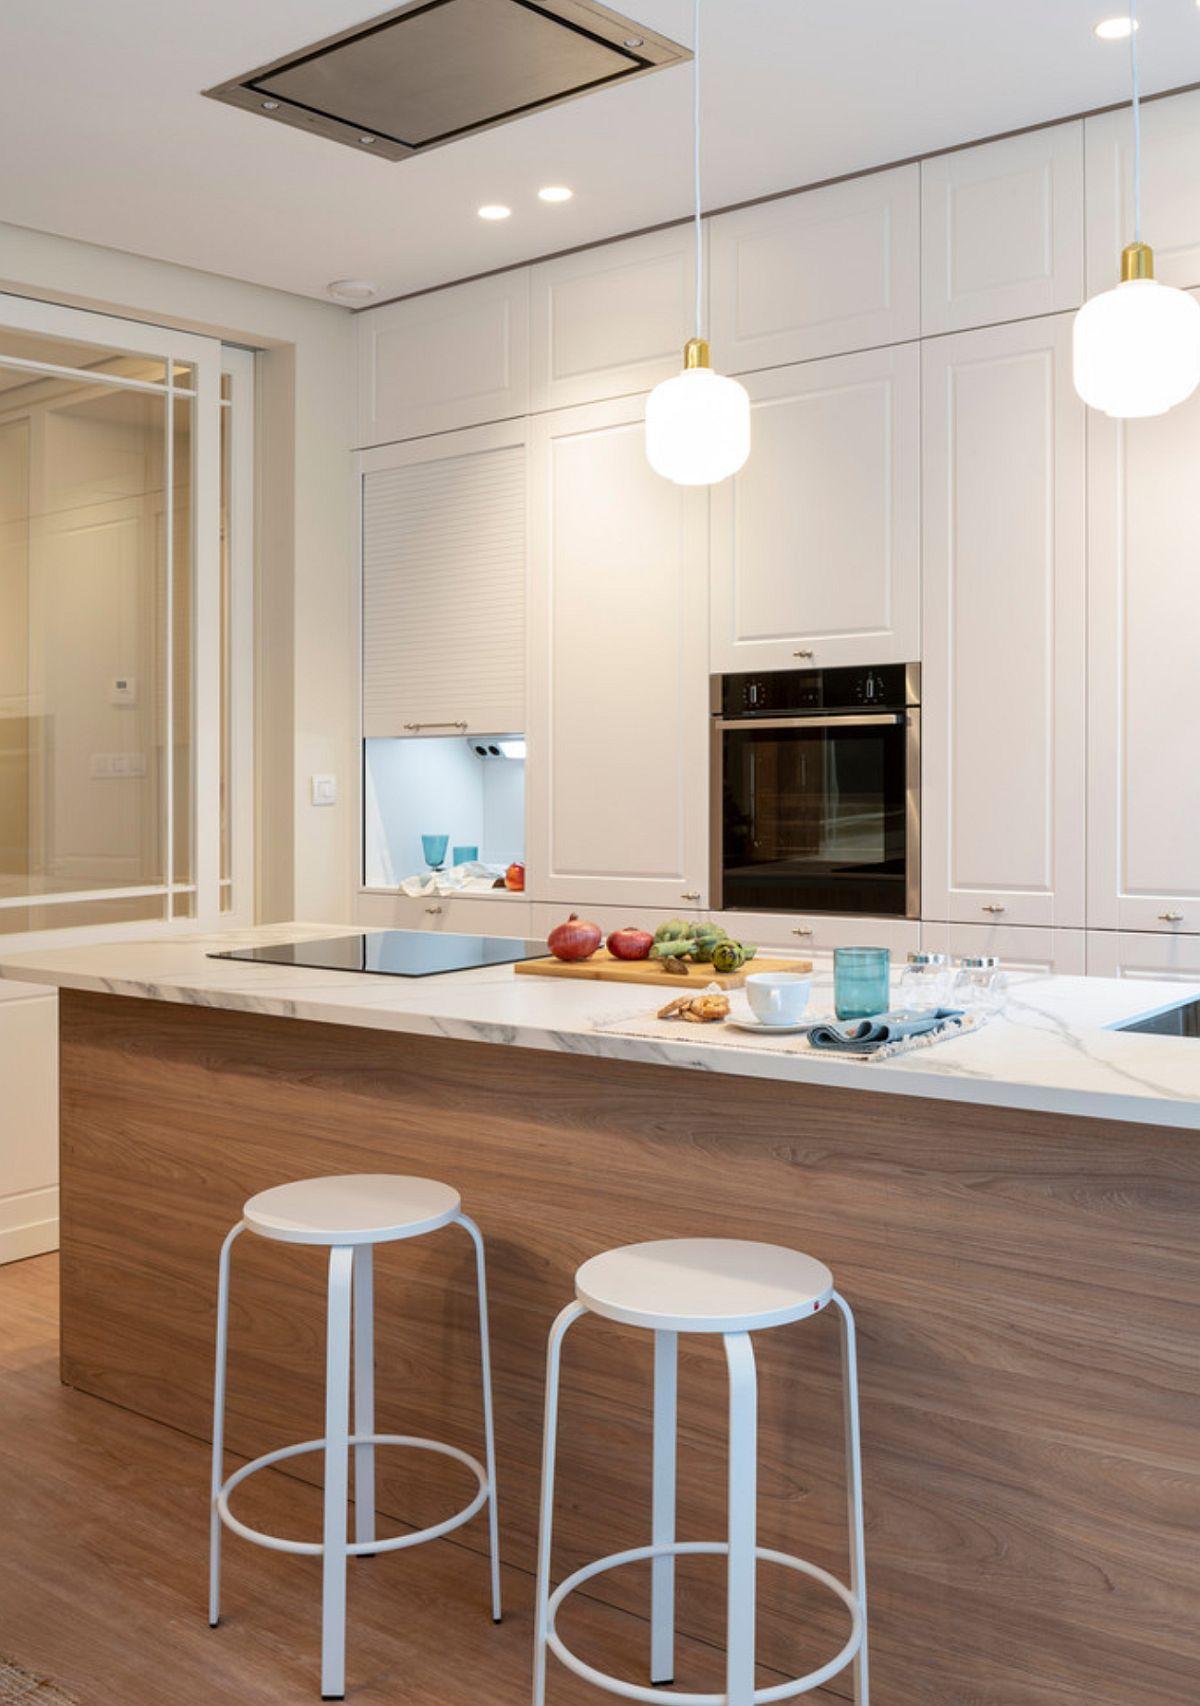 Hota și chiuveta sunt situate pe blat, iar bucătăria, fiind fără corpuri suspendate, a fost dotată cu o hotă încastrată în plafon. Astfel deasupra barului, în afara suspensiilor nu mai este nimic, de unde și senzația de luminozitate.